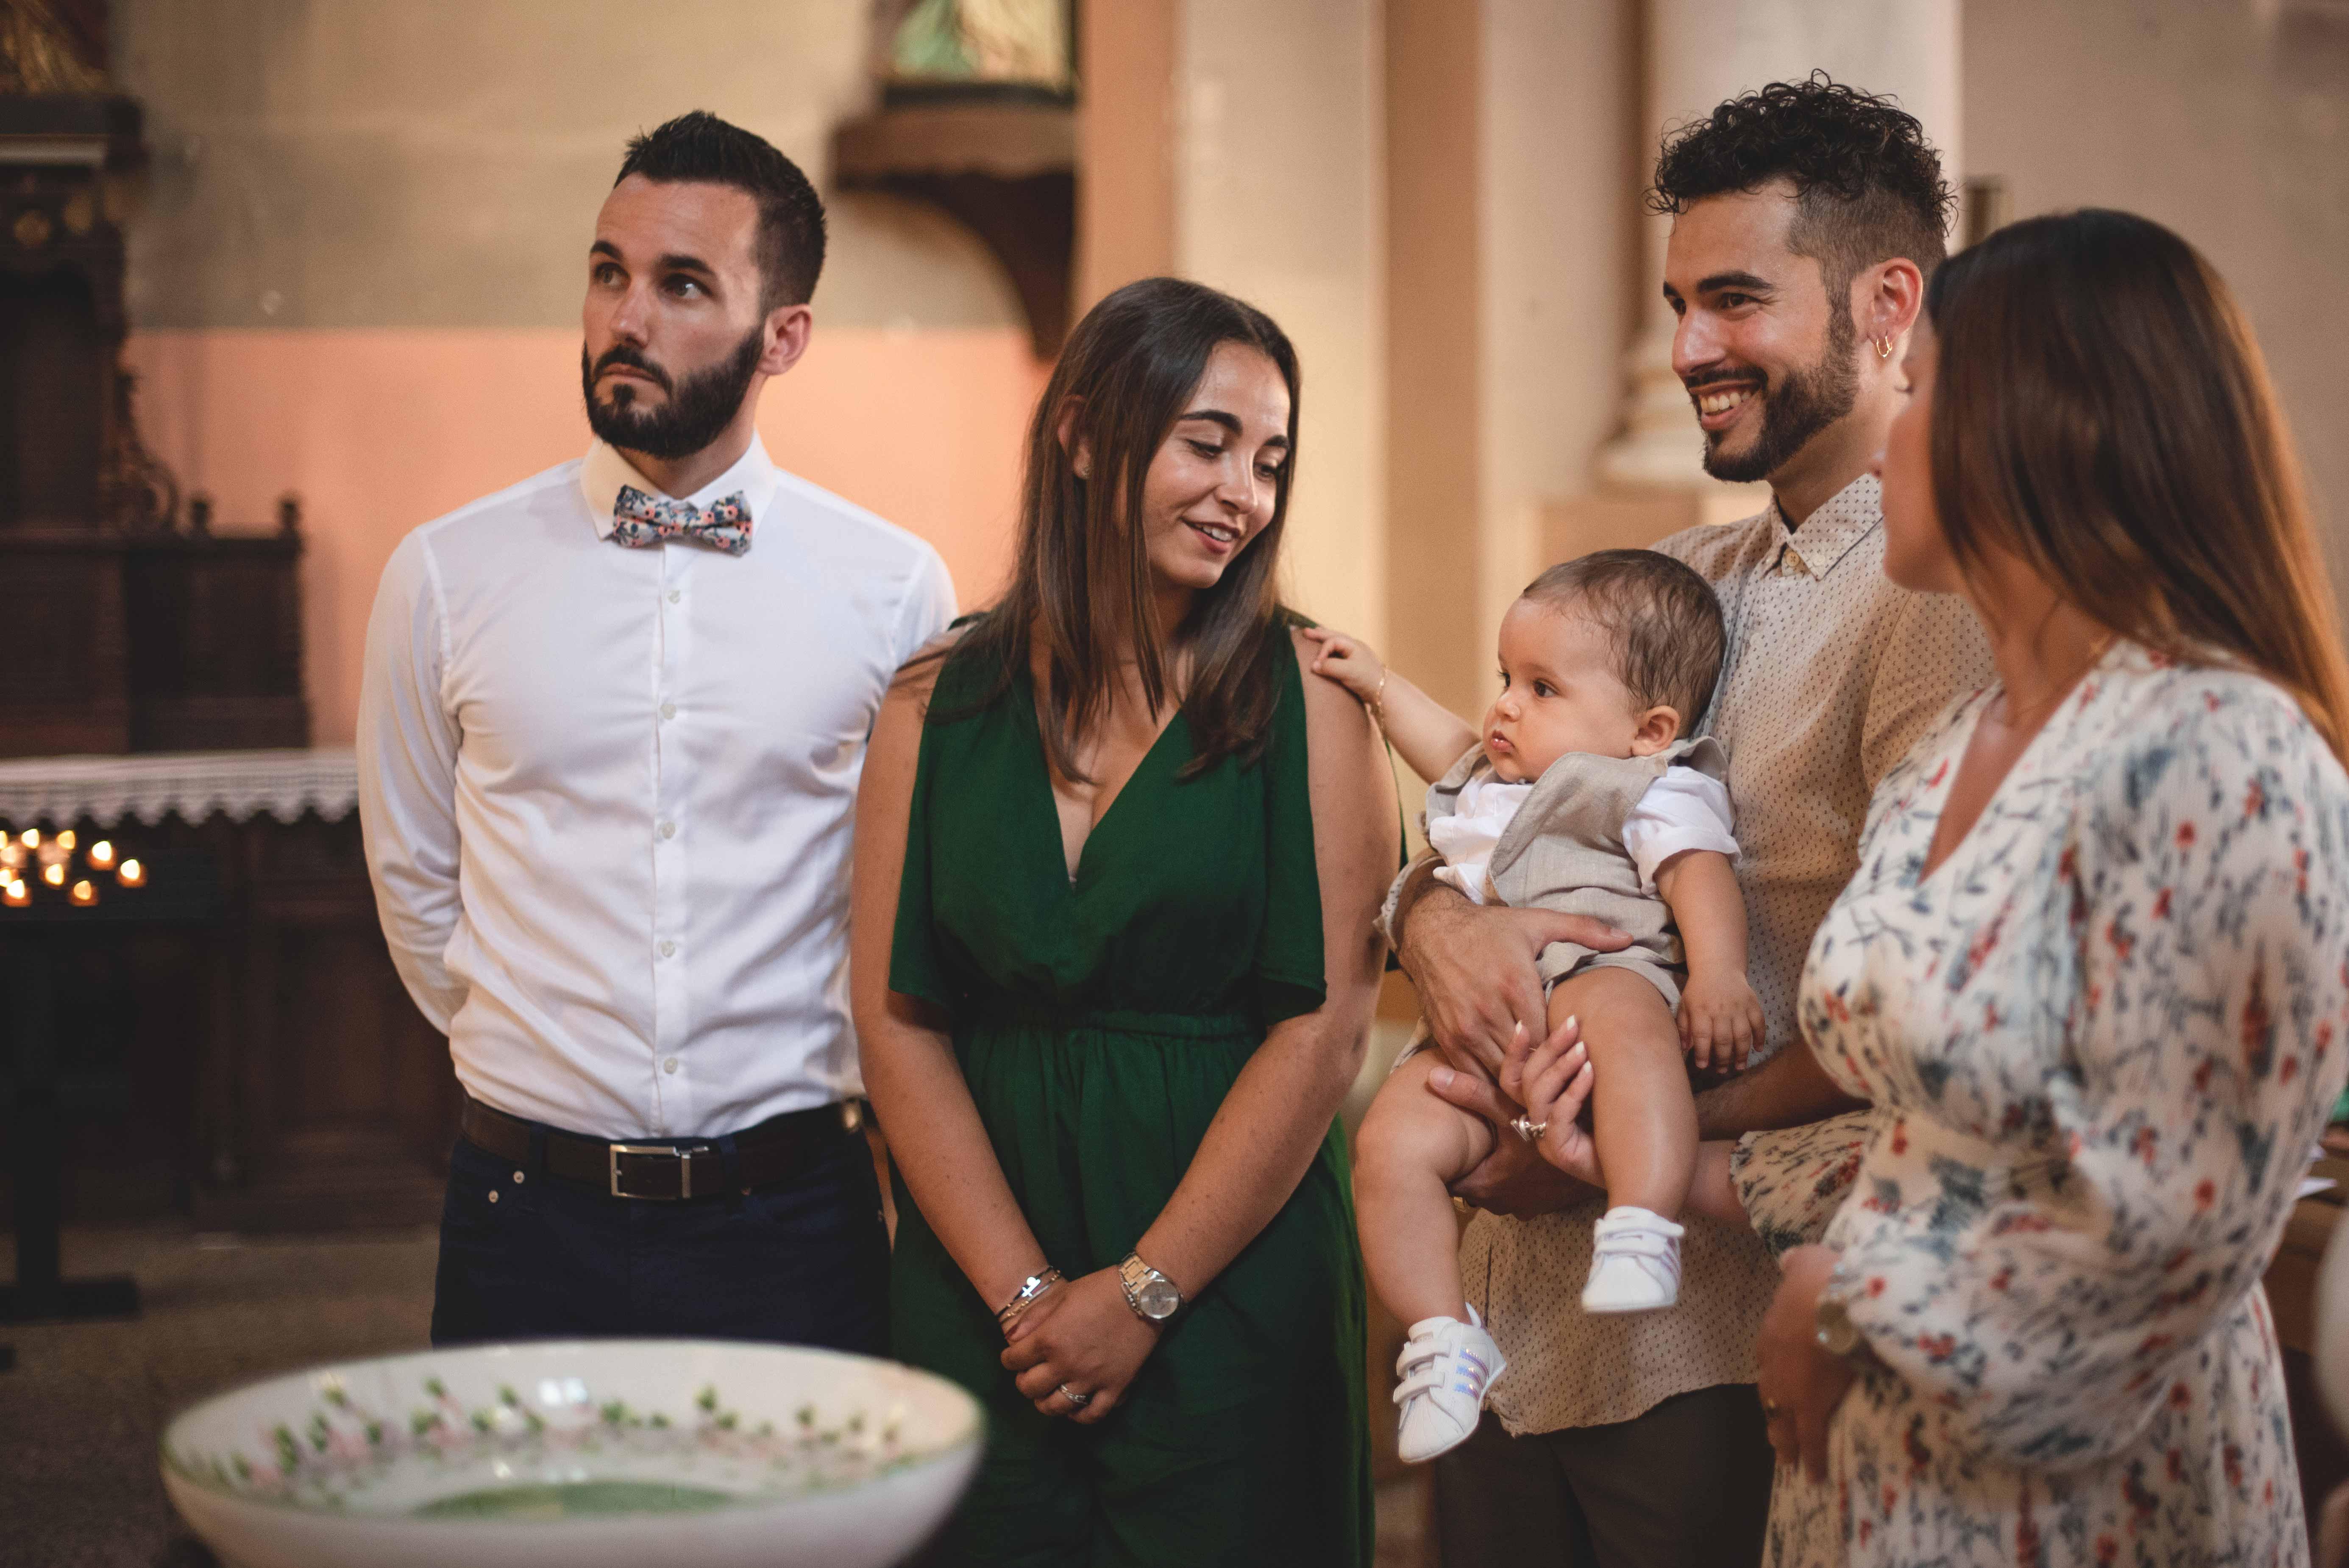 Baptême catholique photographe